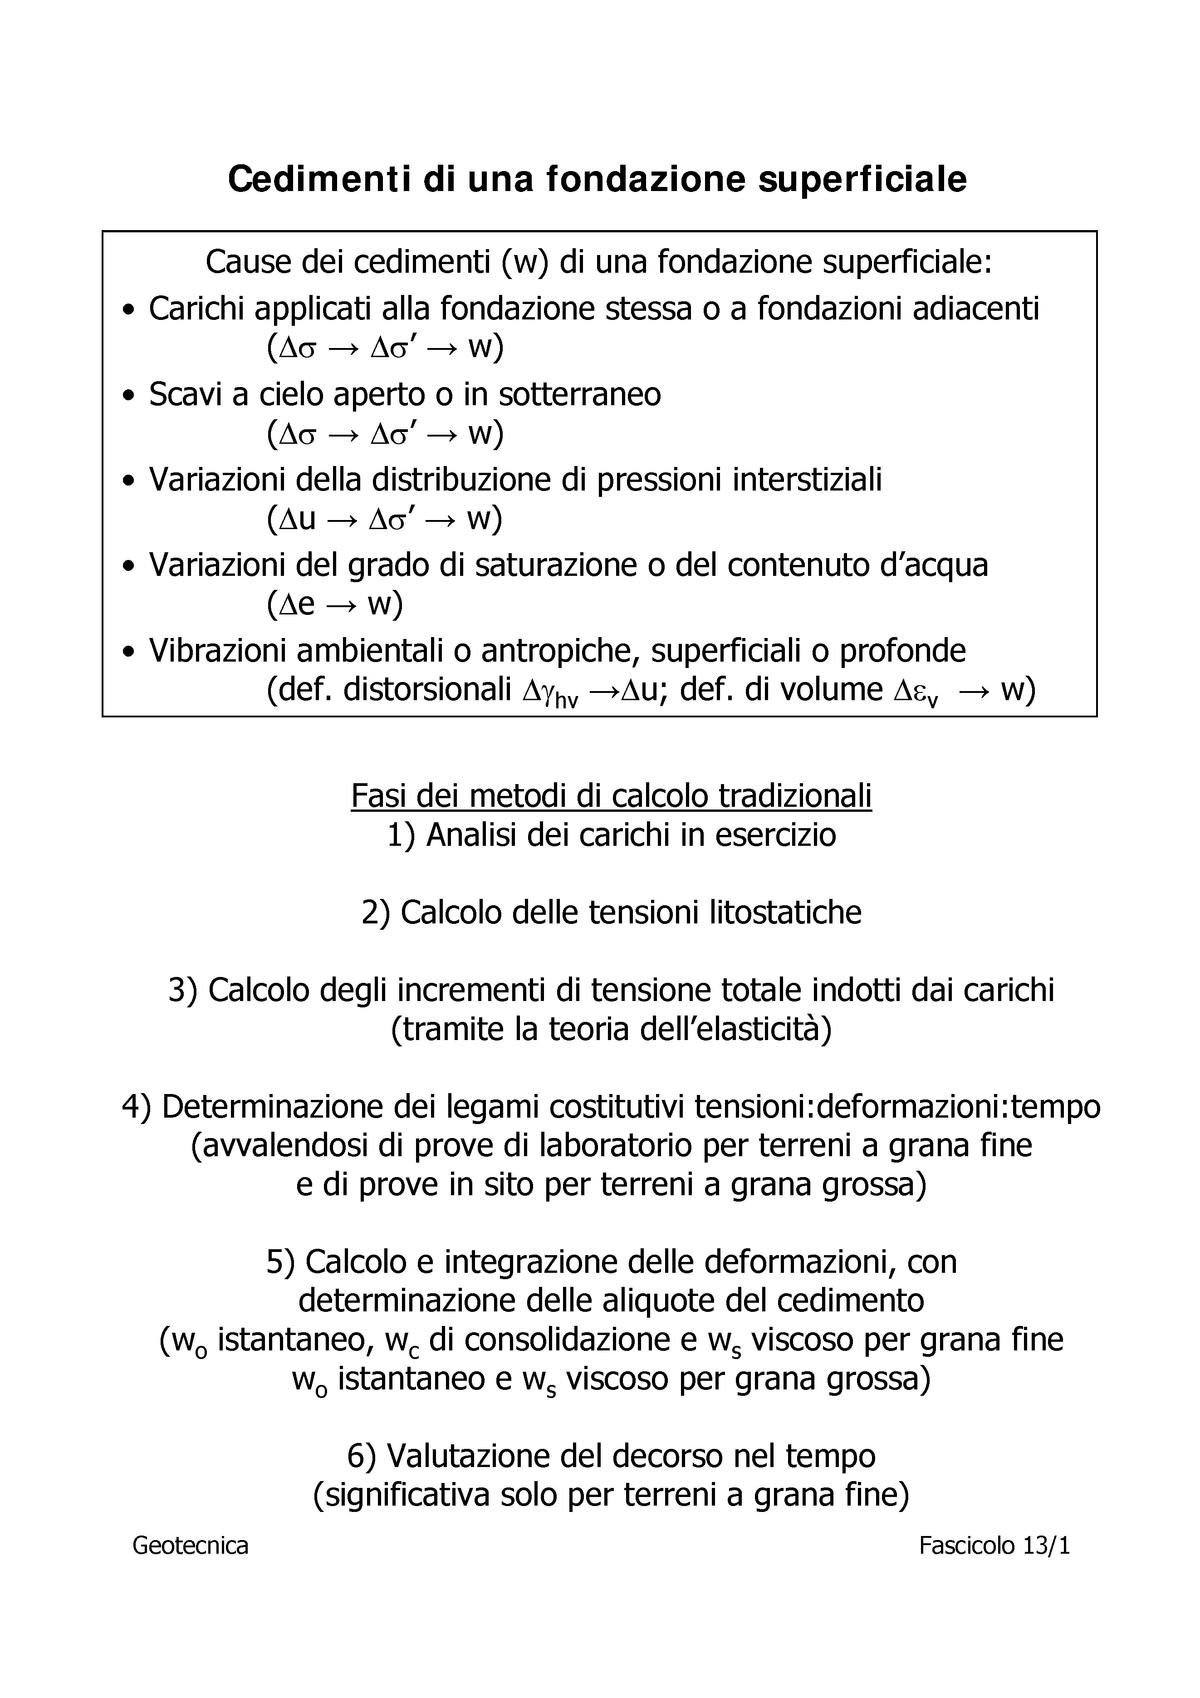 Calcolo Dei Cedimenti Di Fondazioni Superficiali.13 Cedimenti G Geotecnica Soil Mechanics Unibas Studocu